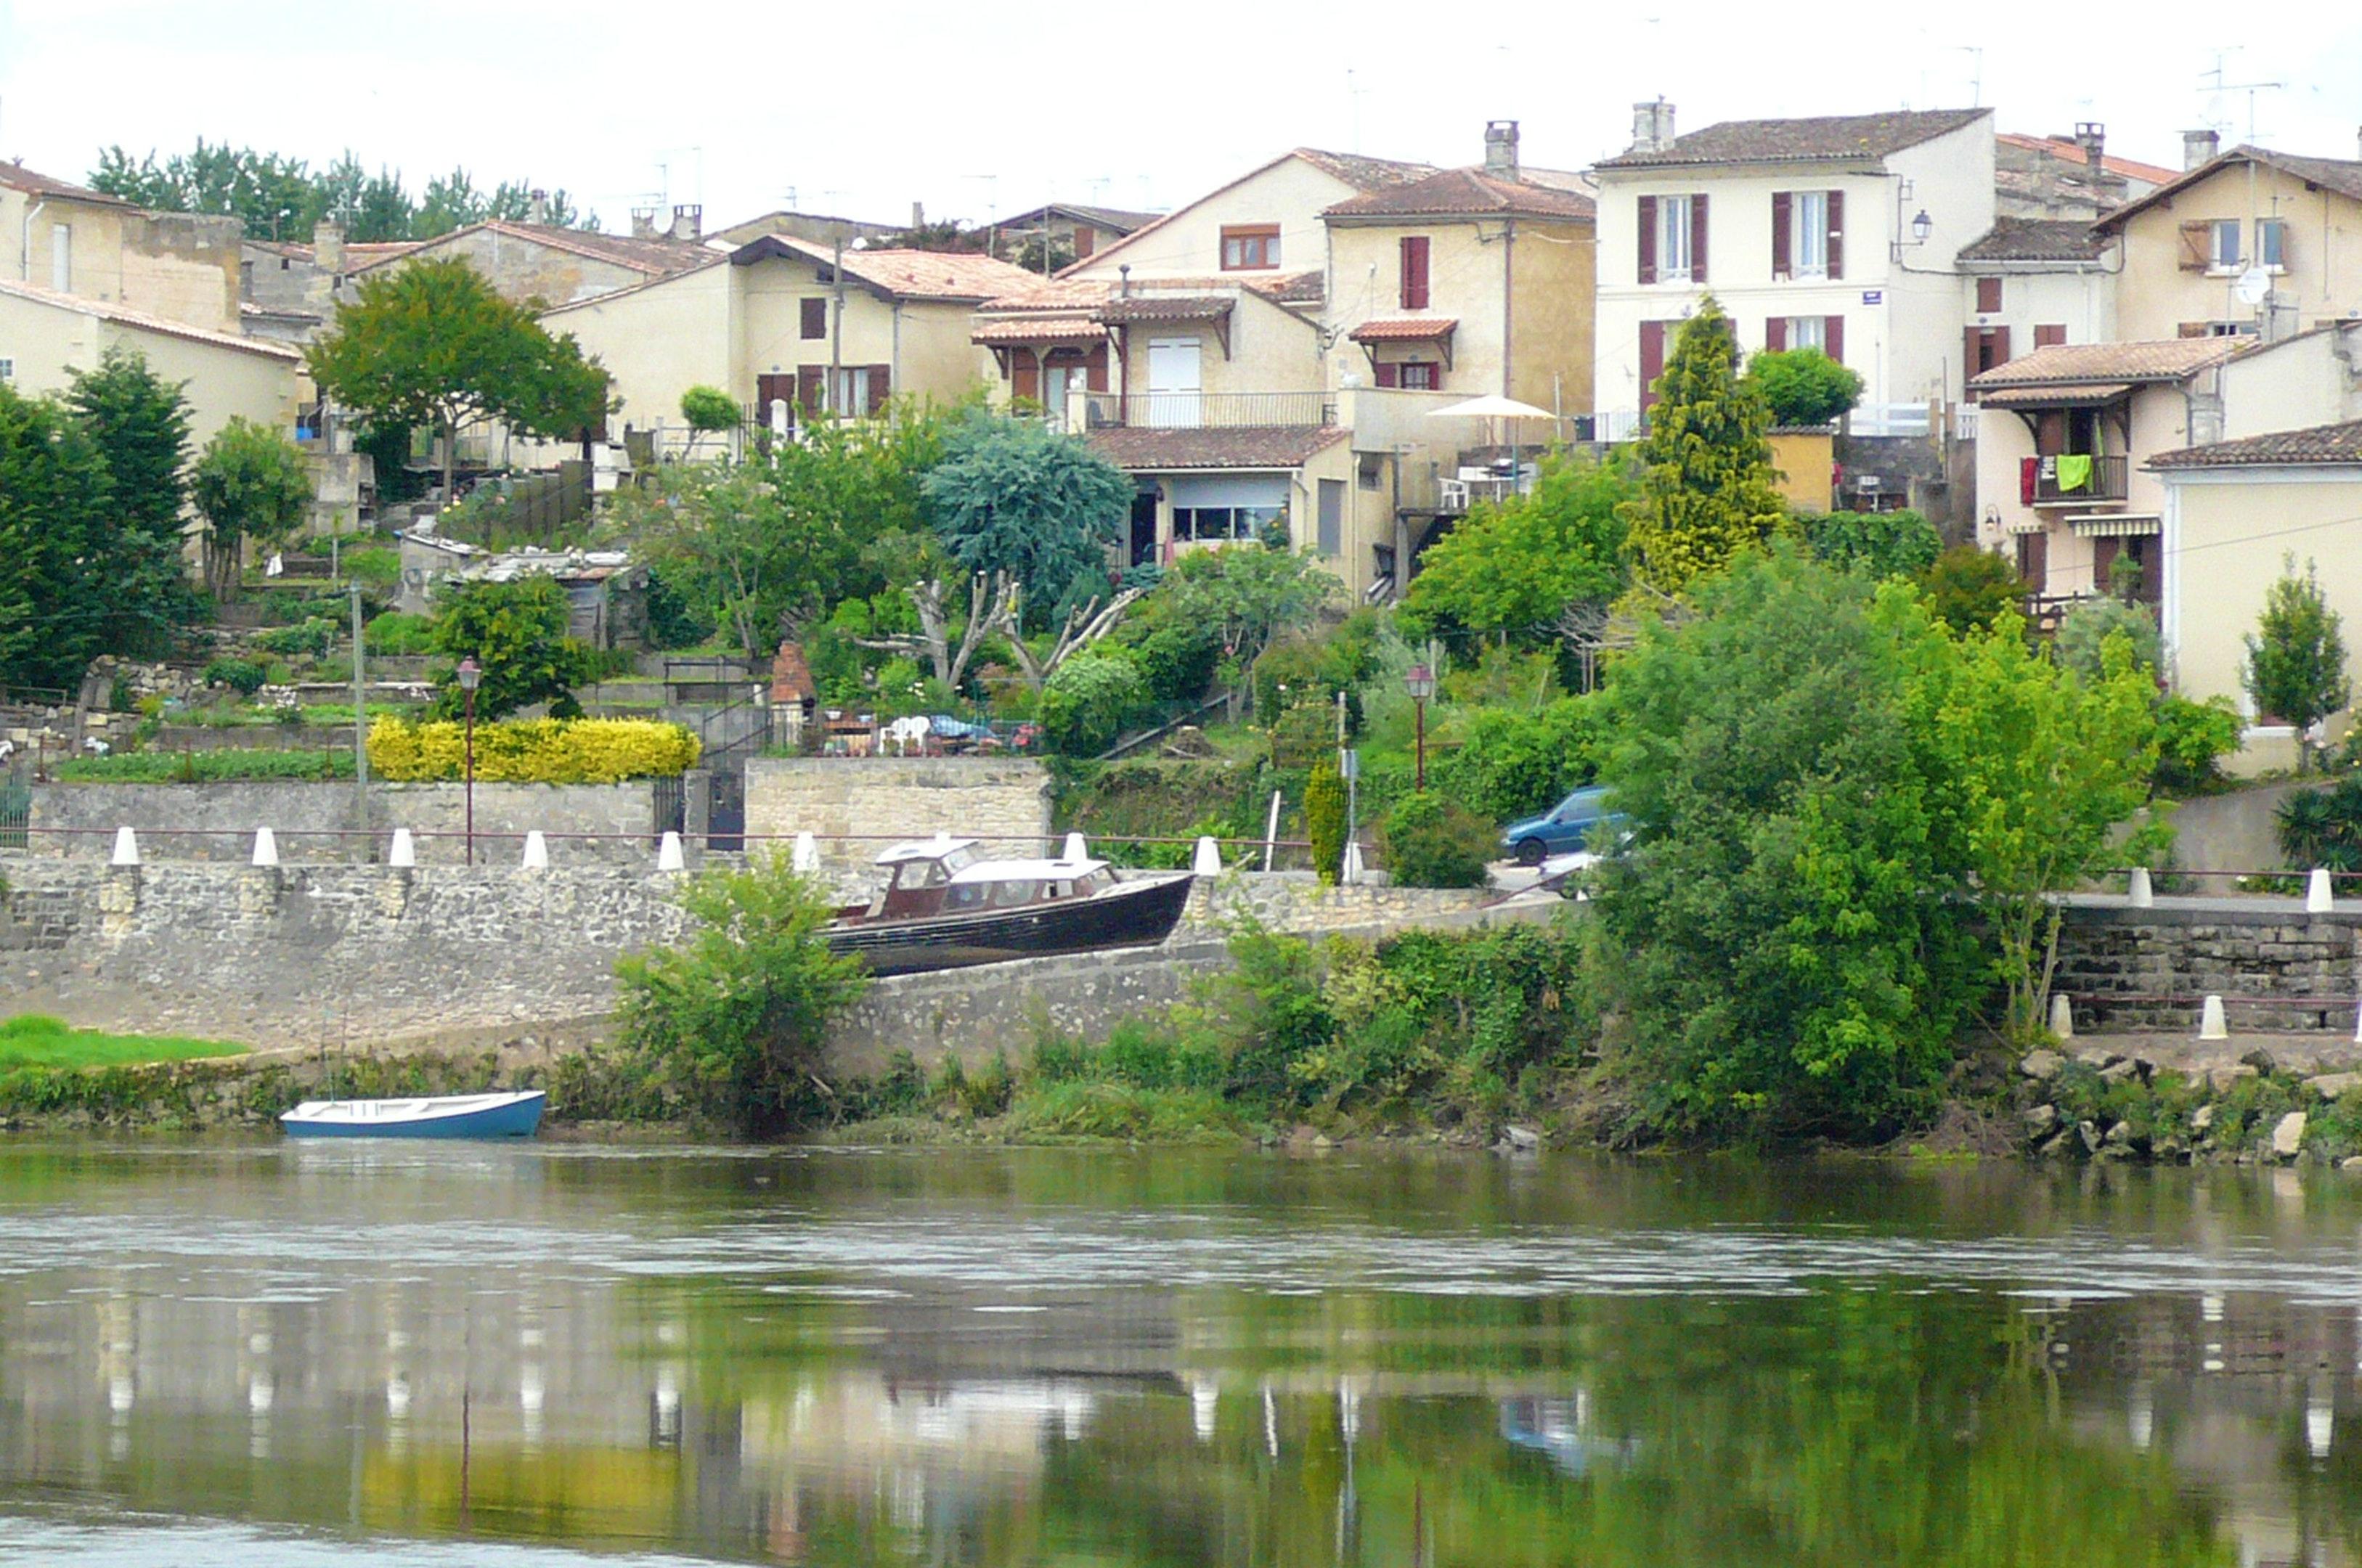 Maison de vacances Haus mit 4 Schlafzimmern in Castillon-la-Bataille mit eingezäuntem Garten und W-LAN - 85 k (2271453), Castillon la Bataille, Gironde, Aquitaine, France, image 19